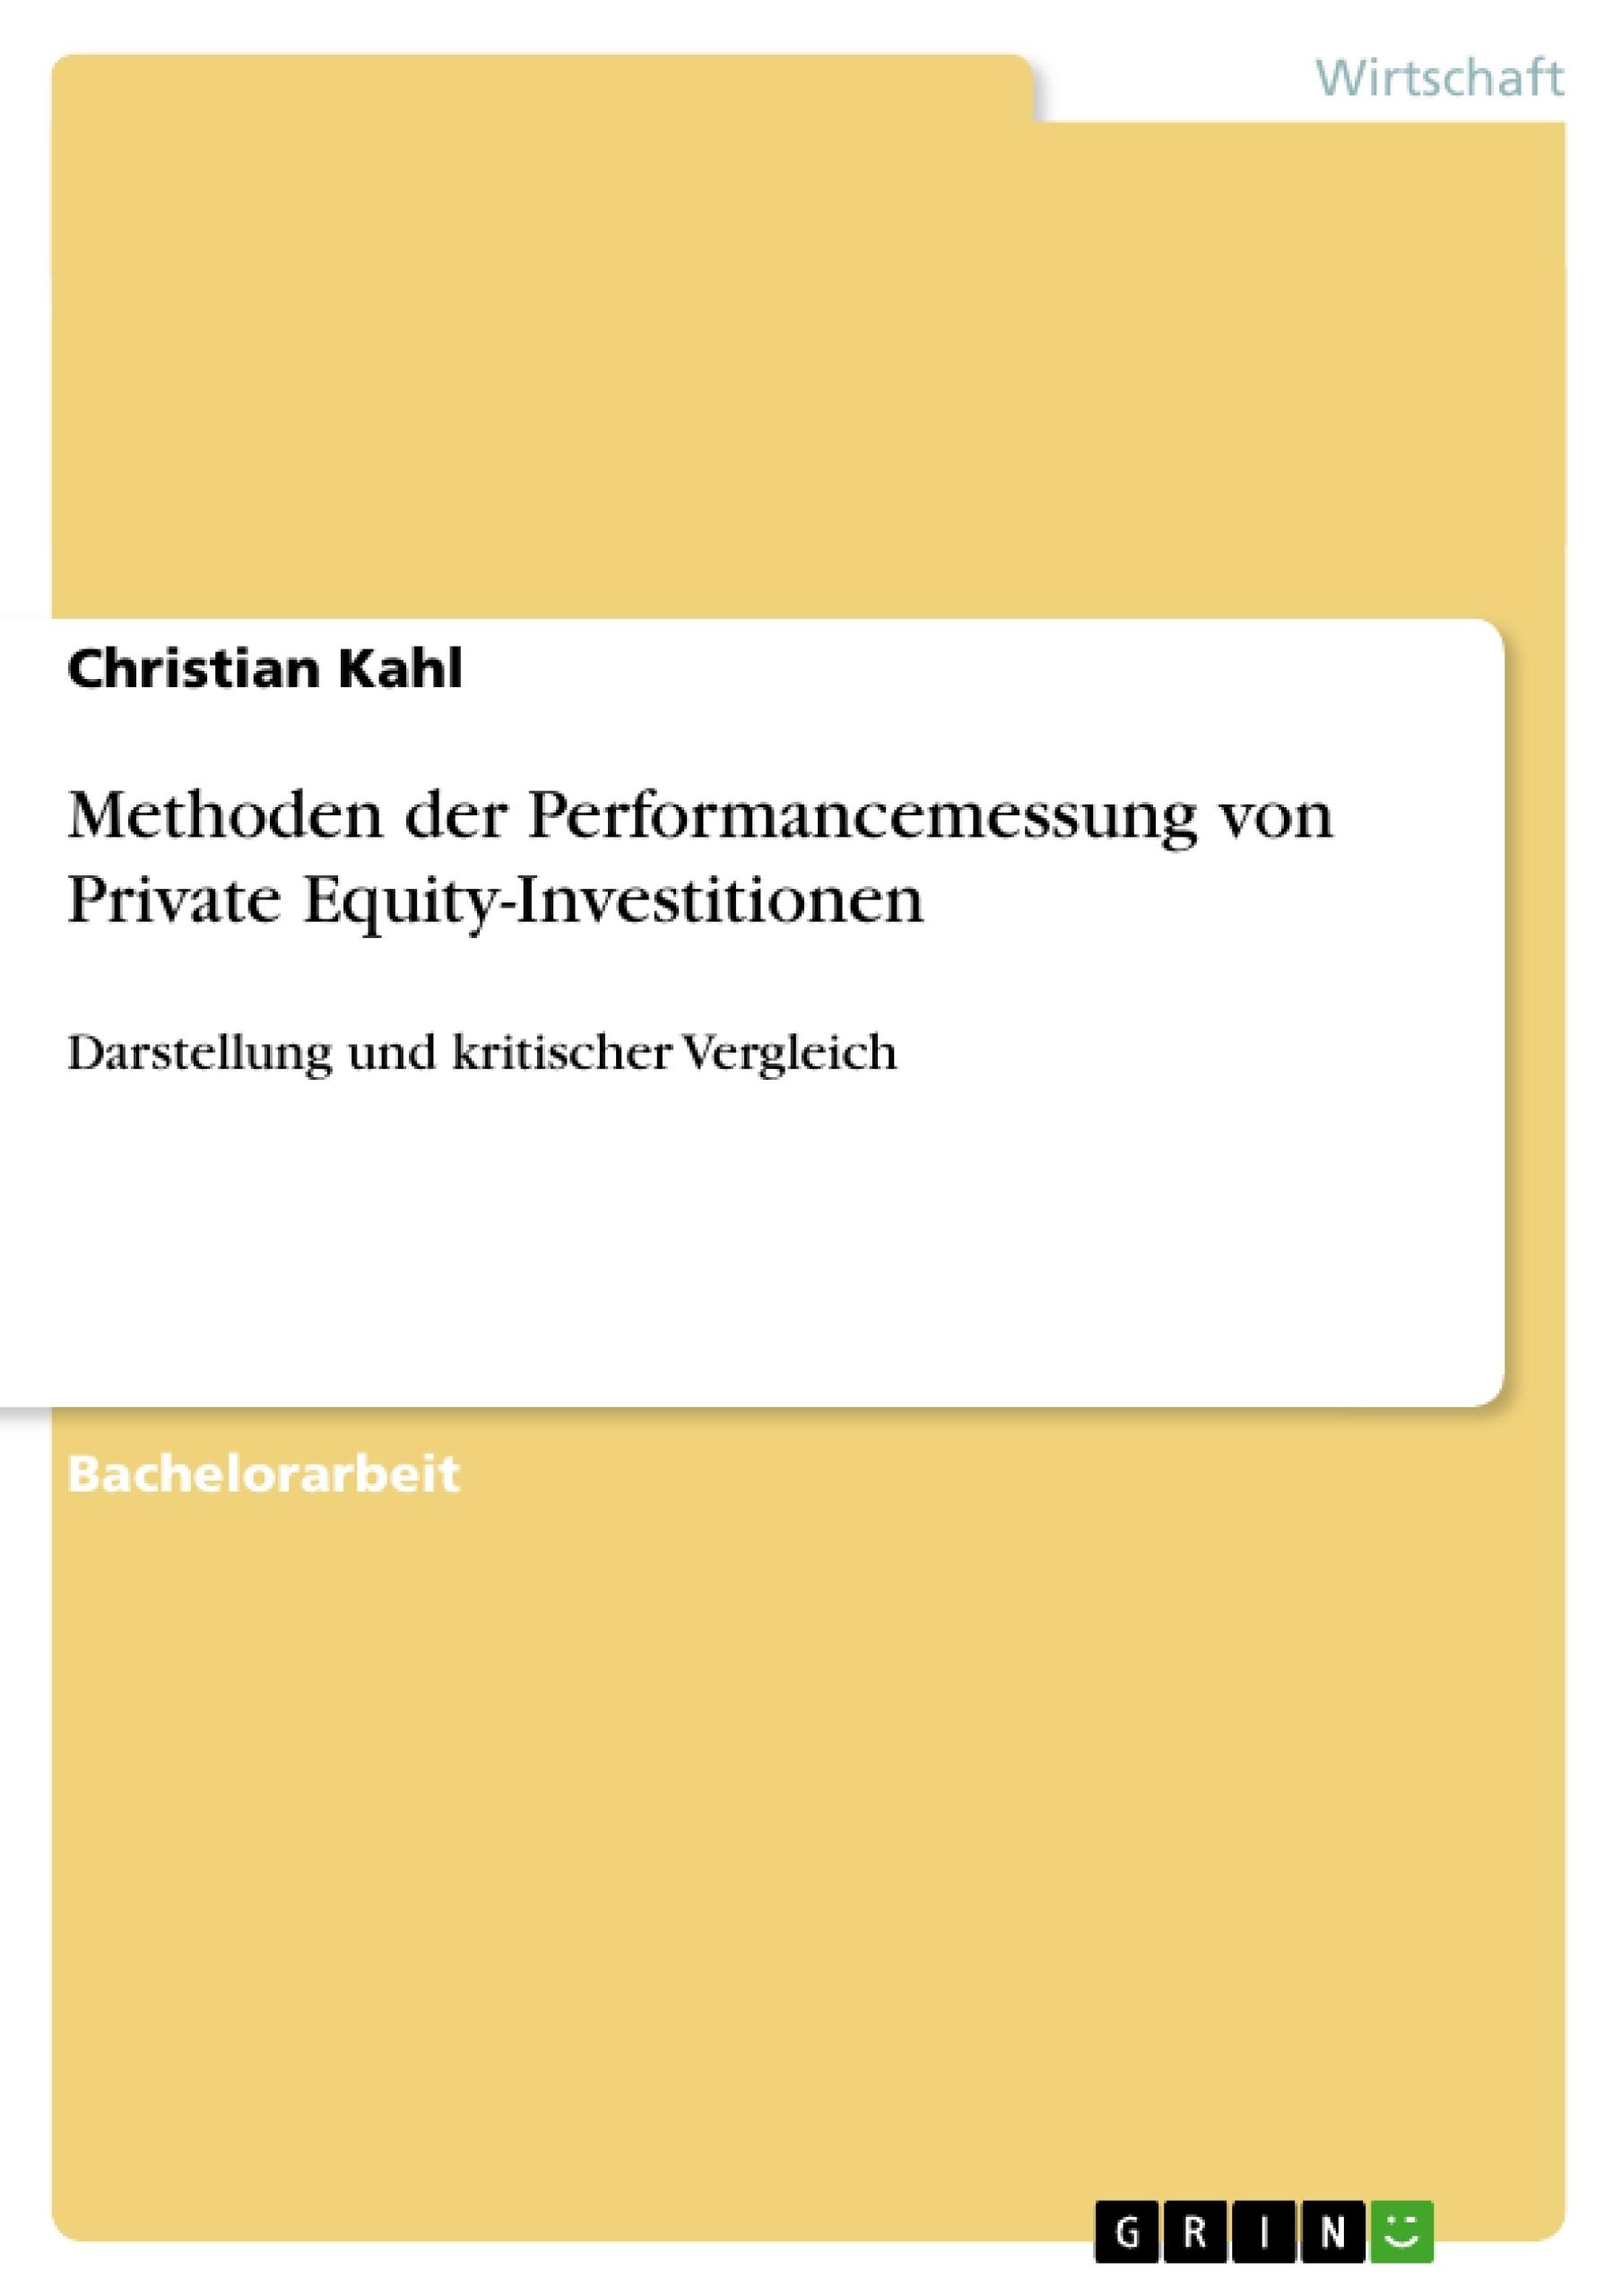 Titel: Methoden der Performancemessung von Private Equity-Investitionen